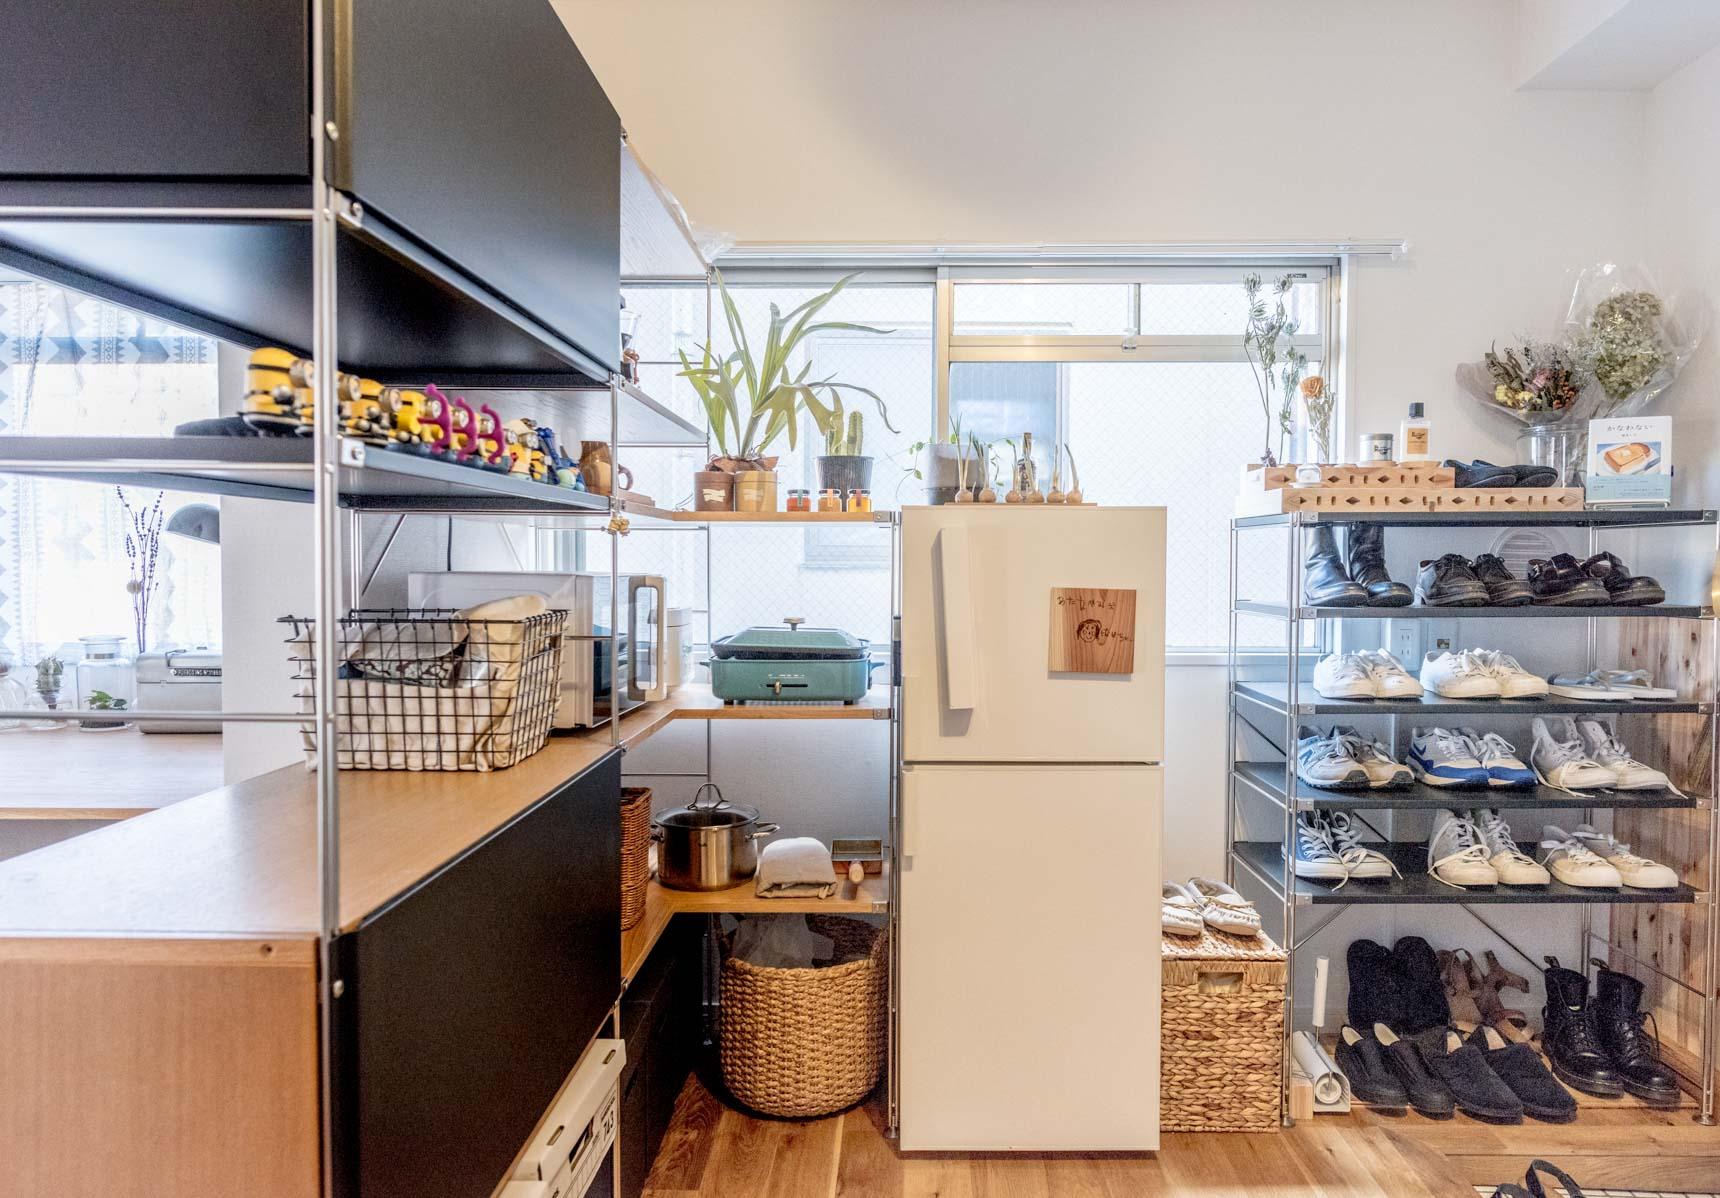 玄関には靴を、冷蔵庫の横にはキッチン用品を収納。冷蔵庫とも高さがぴったり揃っているのでとてもスッキリ見える。